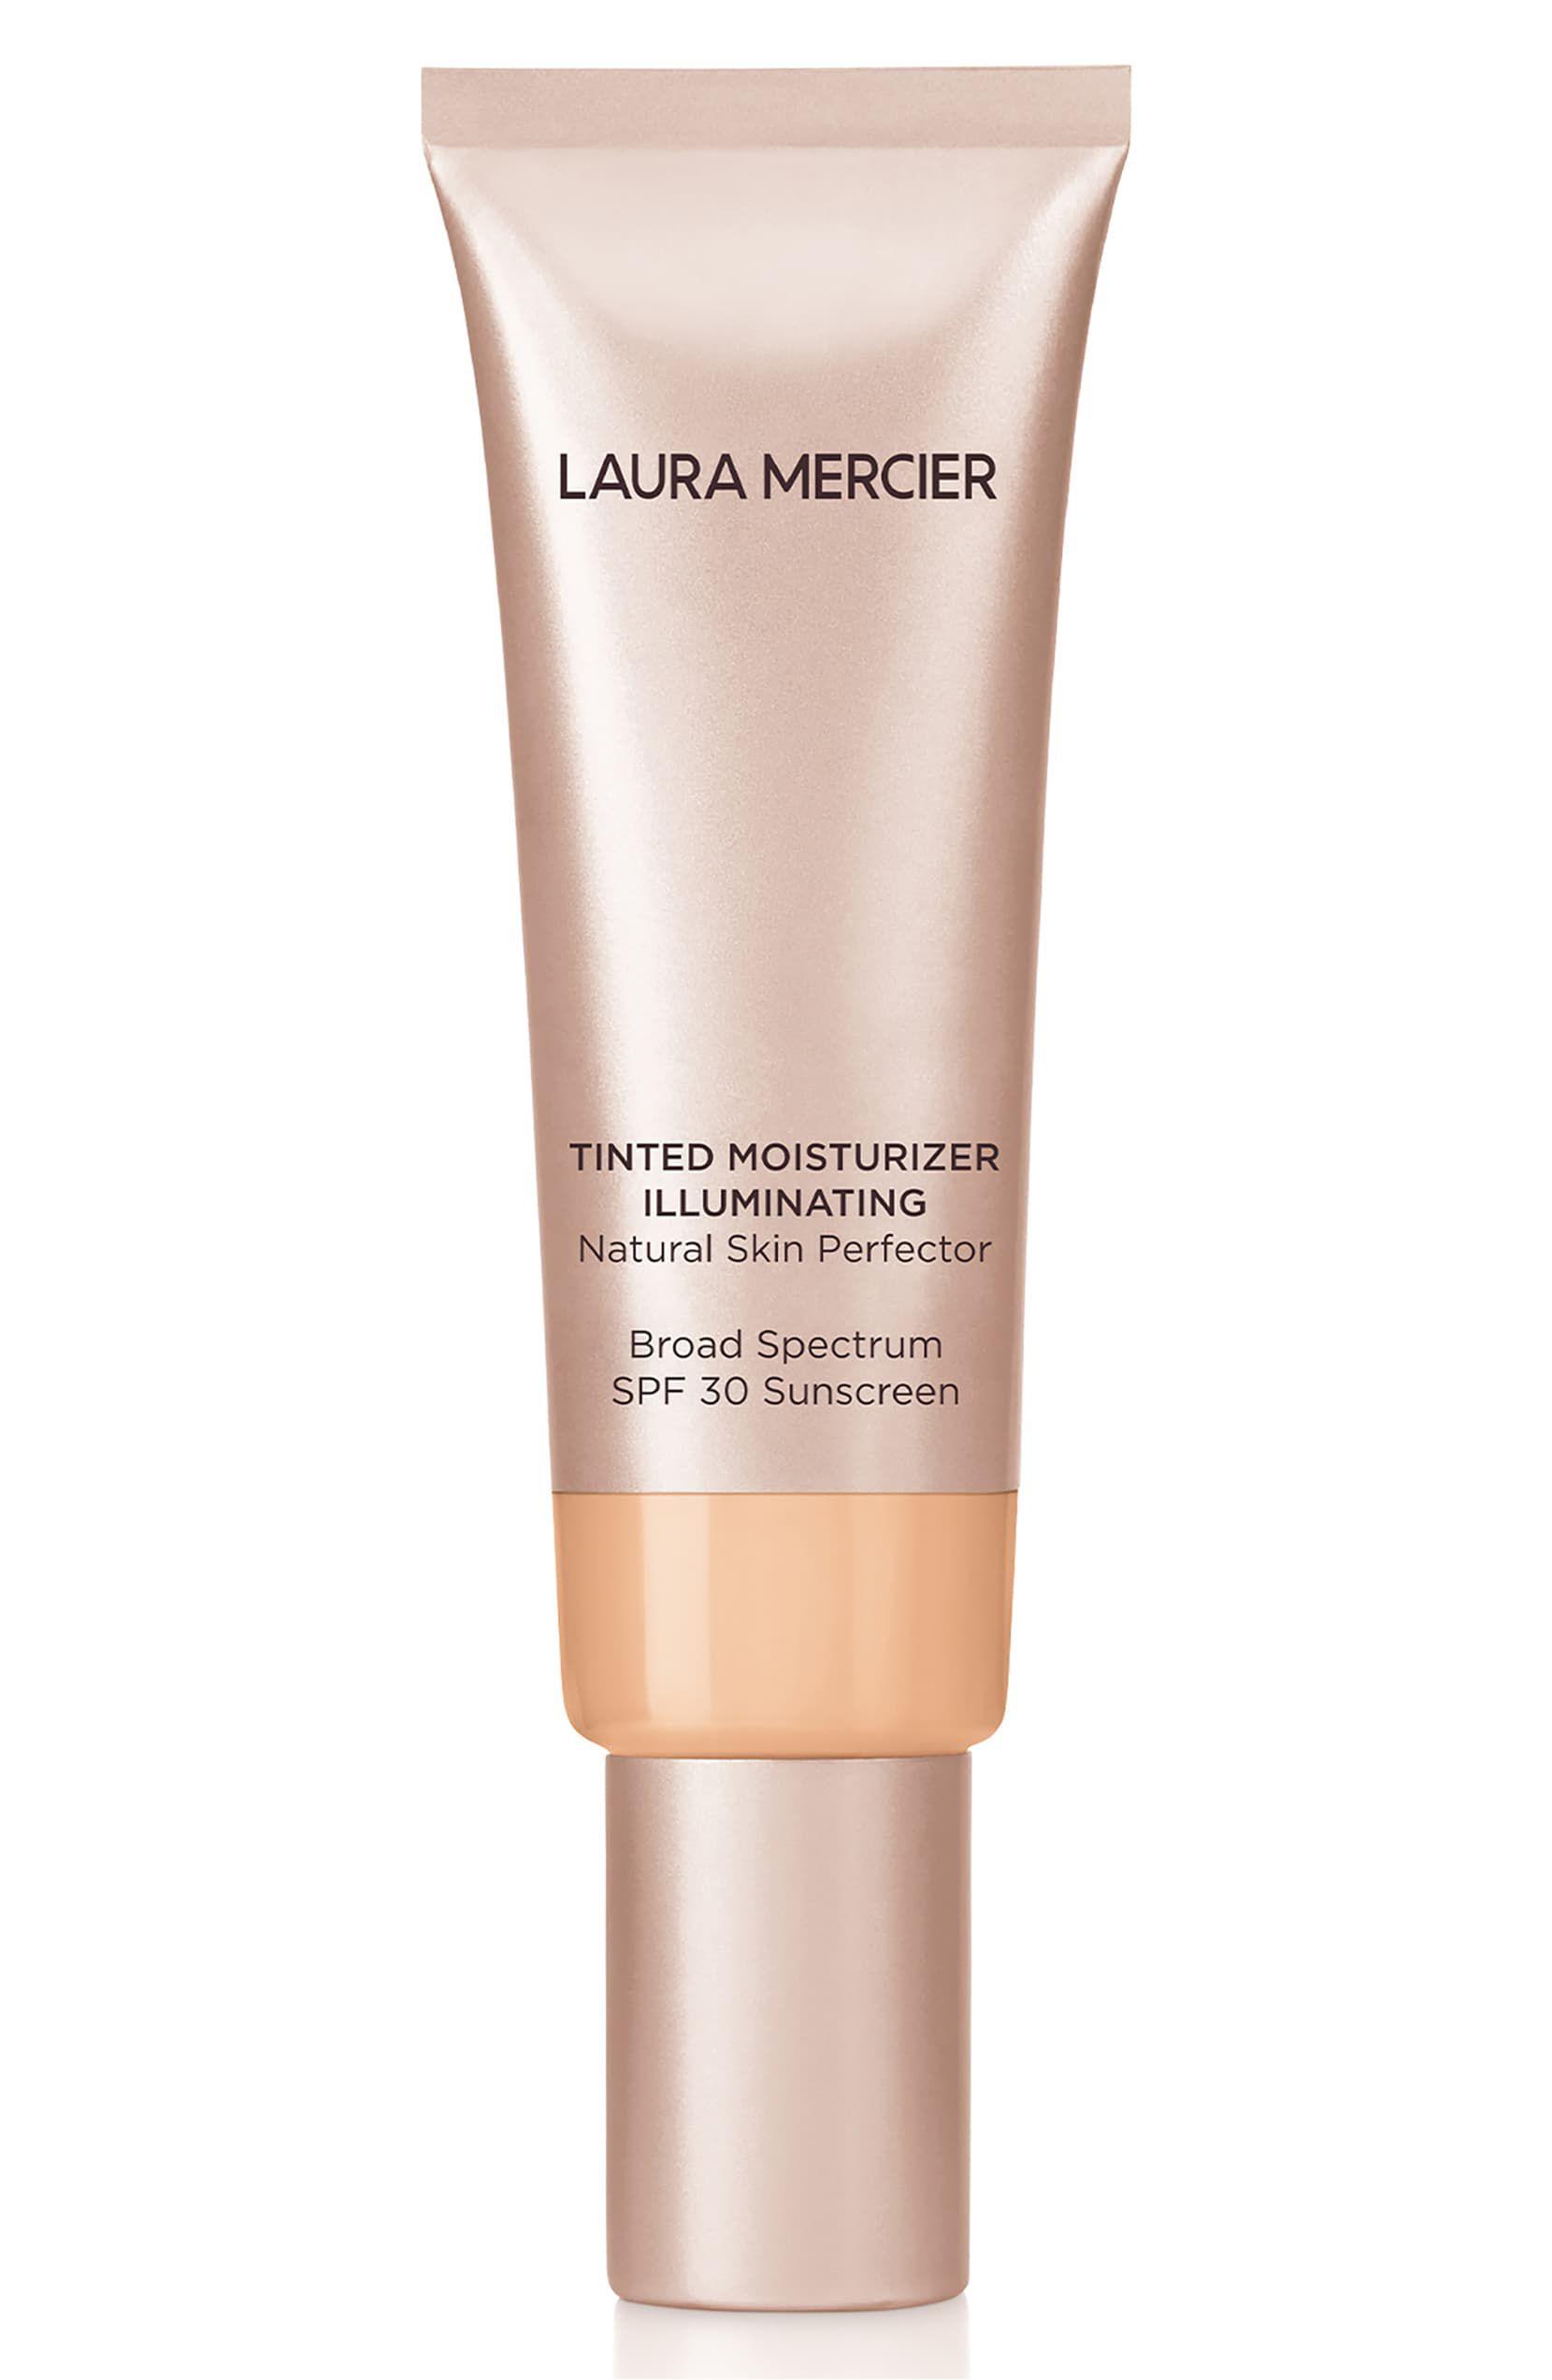 Laura Mercier SPF 30